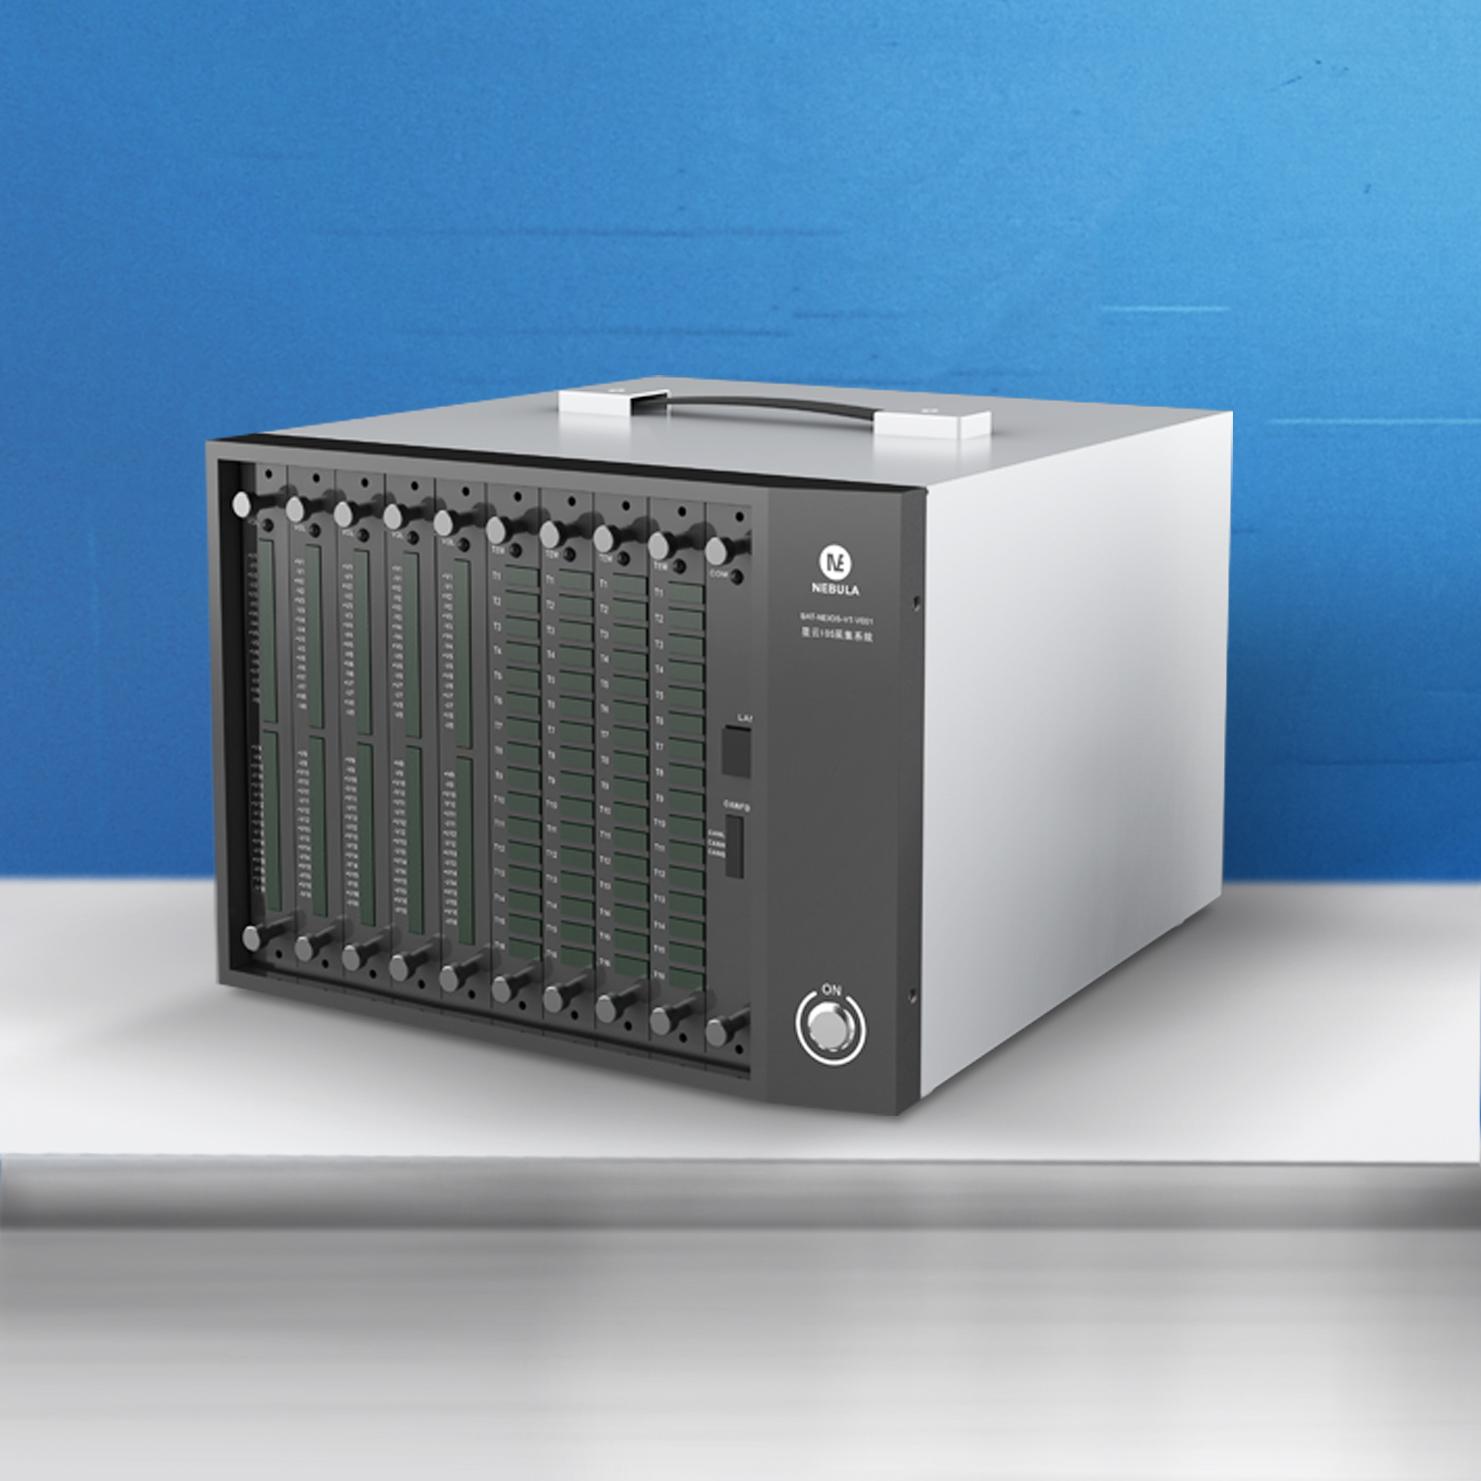 星云IOS数据采集系统BAT-NEIOS-VT-V001 Featured Image